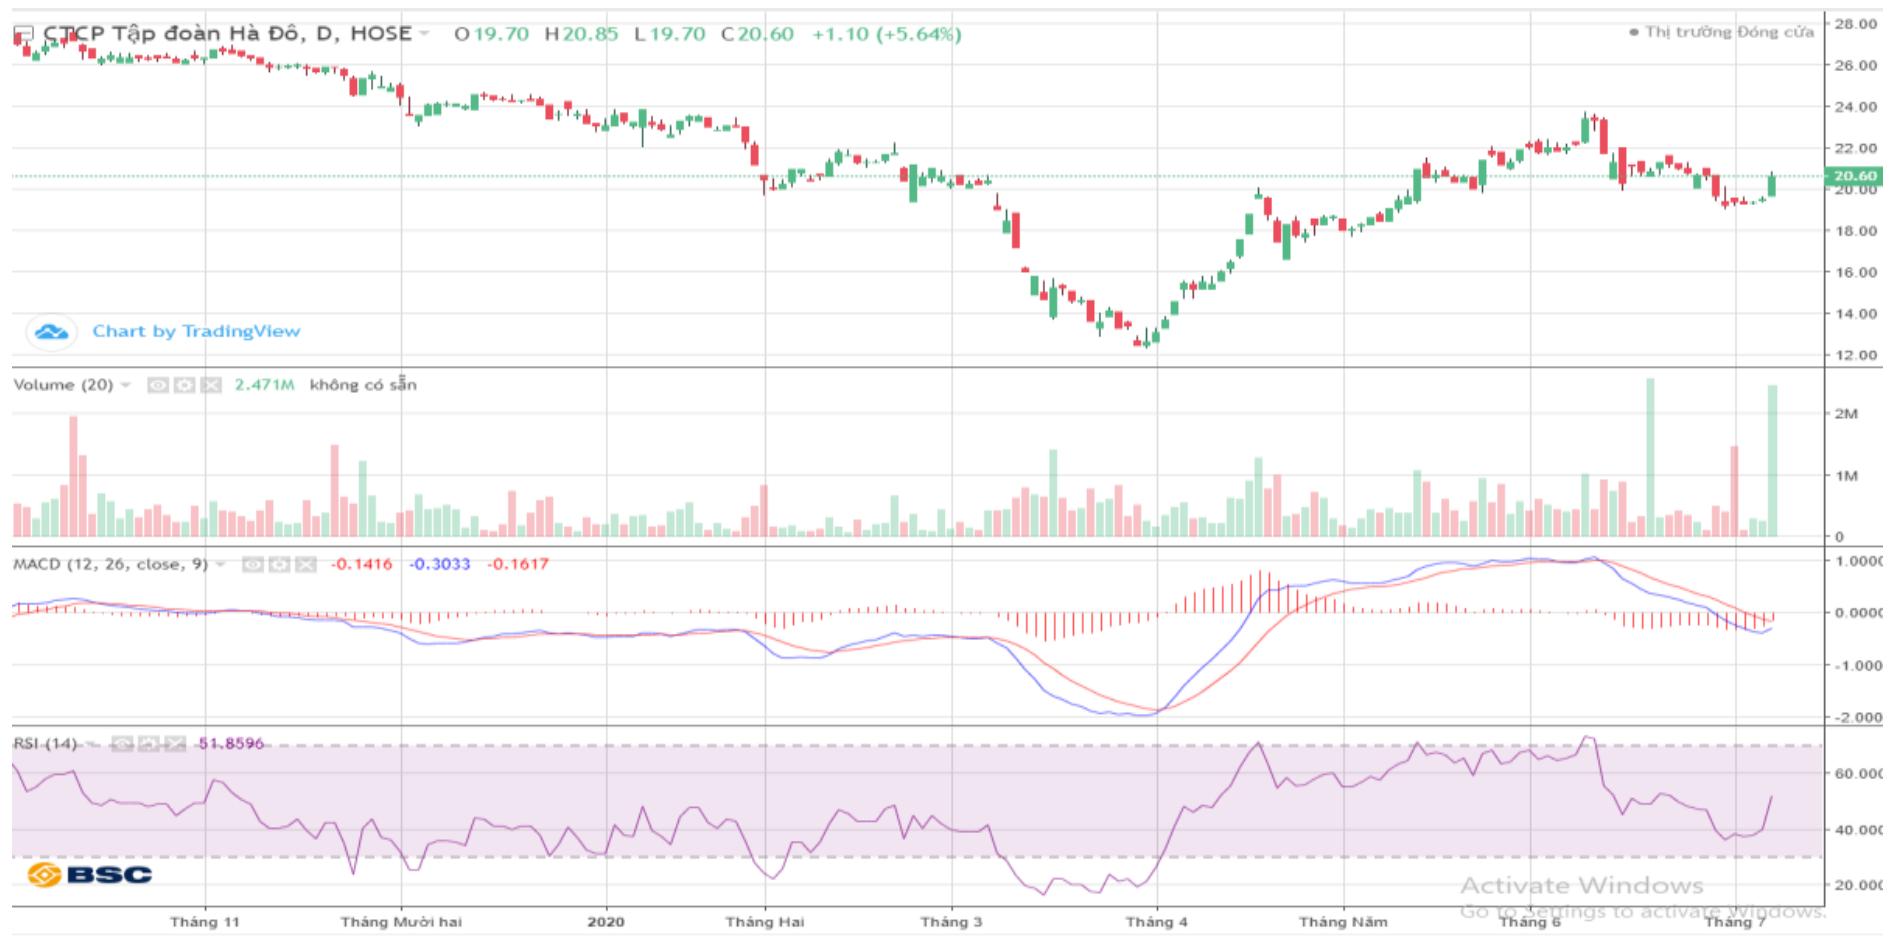 Cổ phiếu tâm điểm ngày 8/7: GEX, HDG, NKG - Ảnh 1.